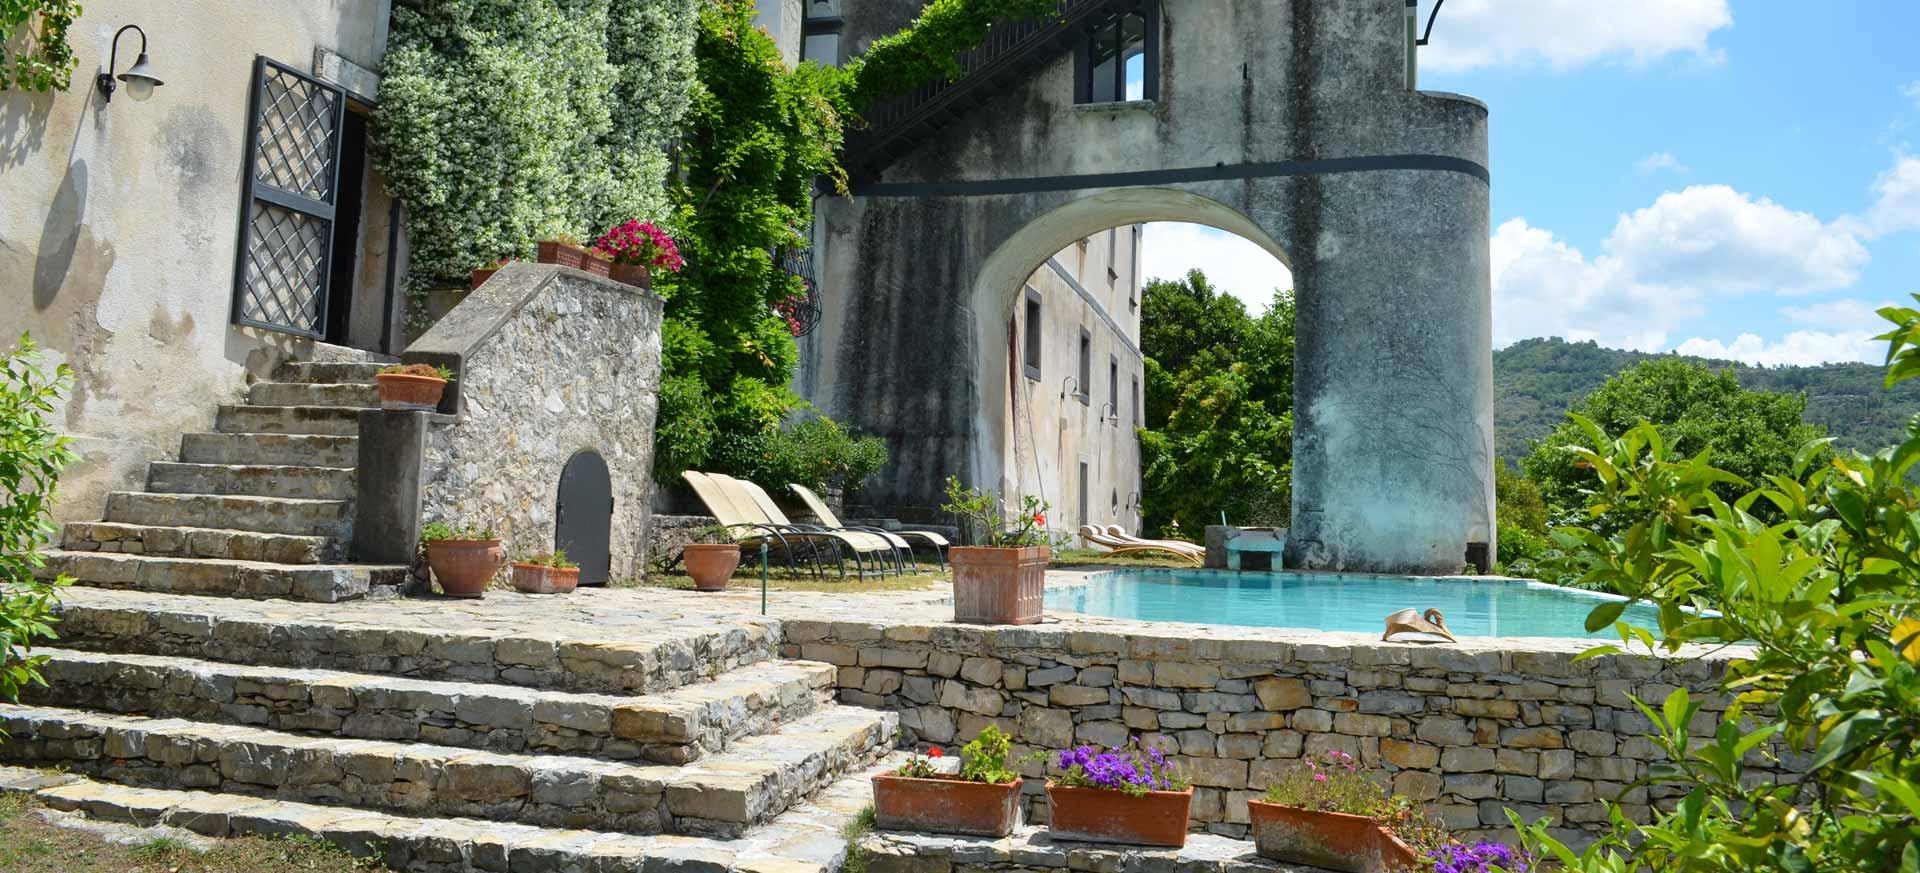 Naples c te amalfitaine chambres d 39 h tes et hotels de for Chambre hote italie